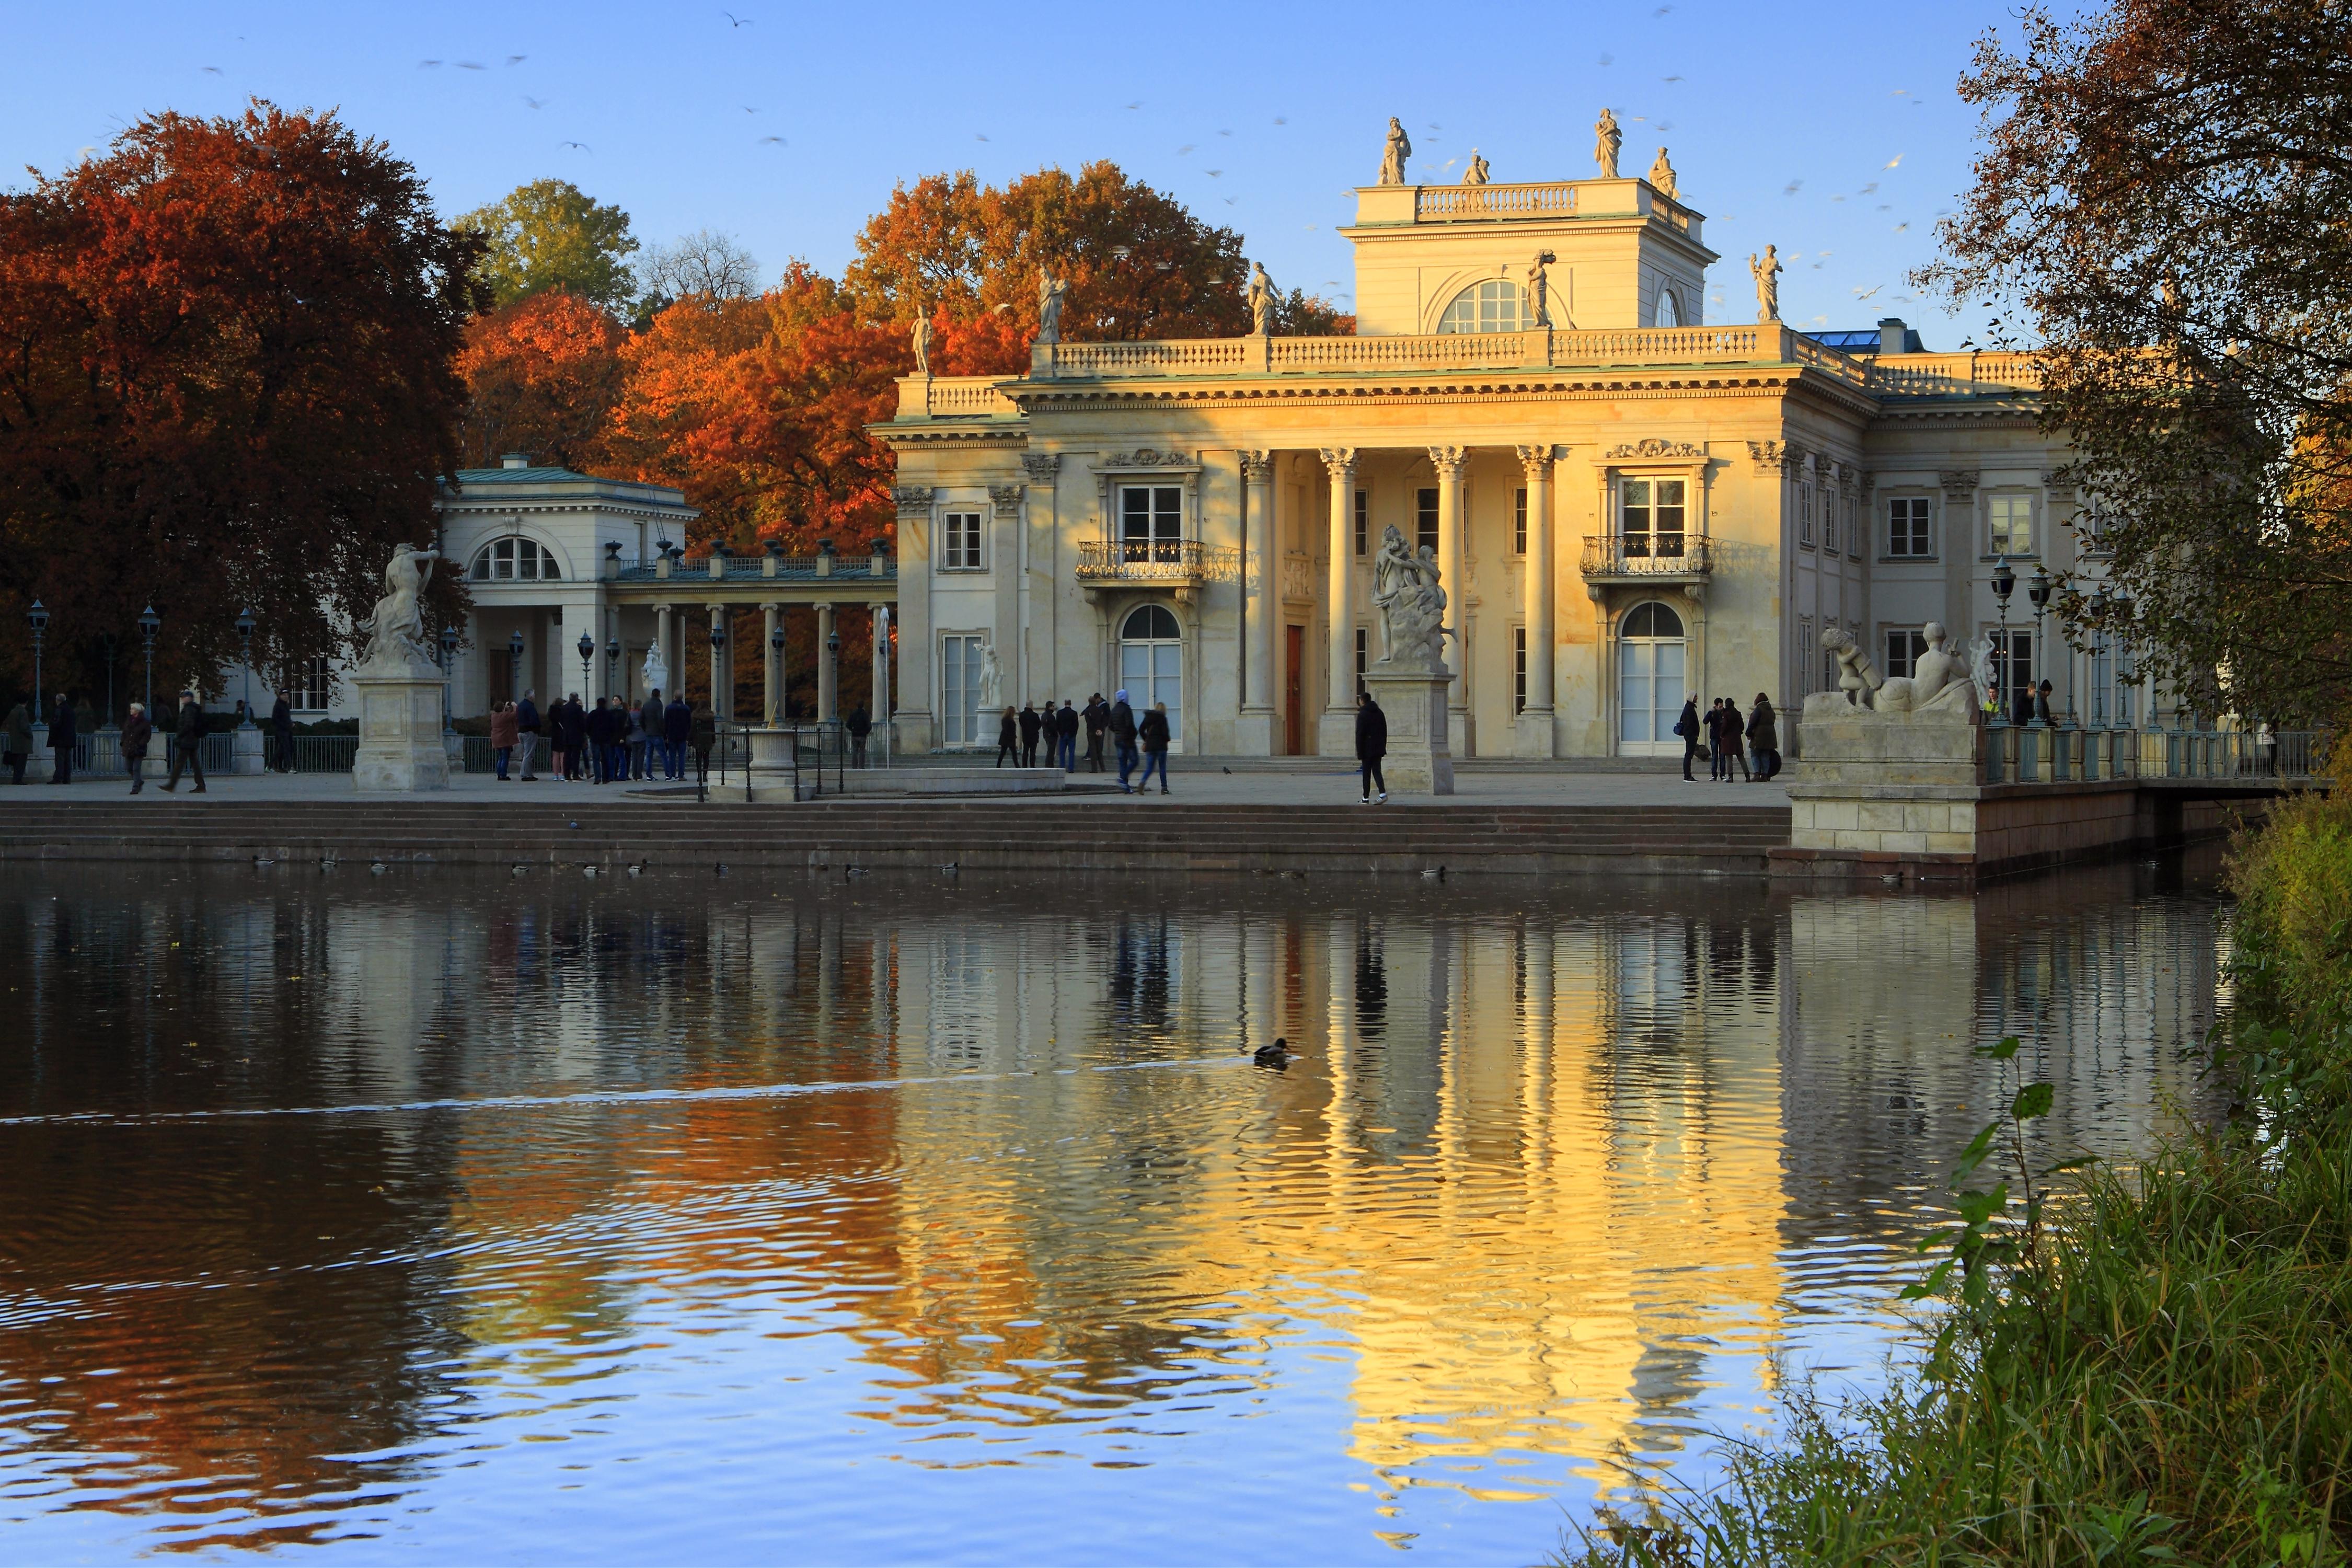 Łazienki-Palast